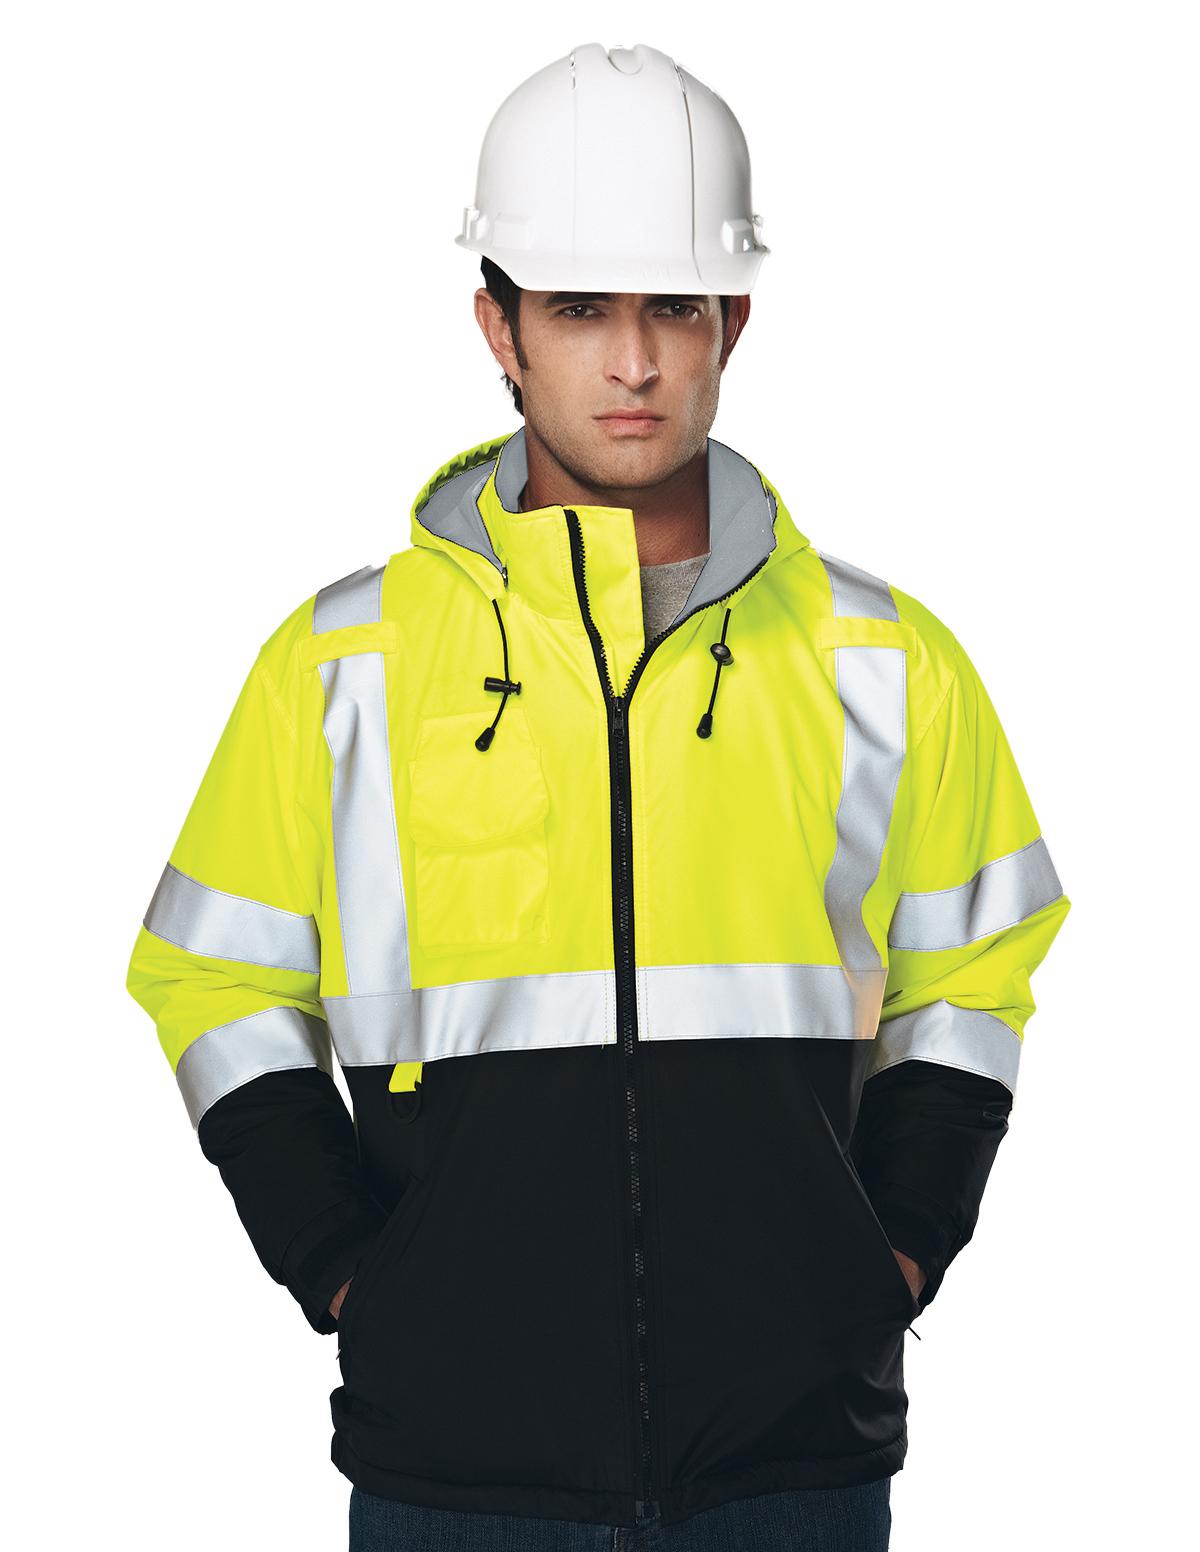 Tri-Mountain Performance 8831 - Beacon ANSI Class 3 jacket